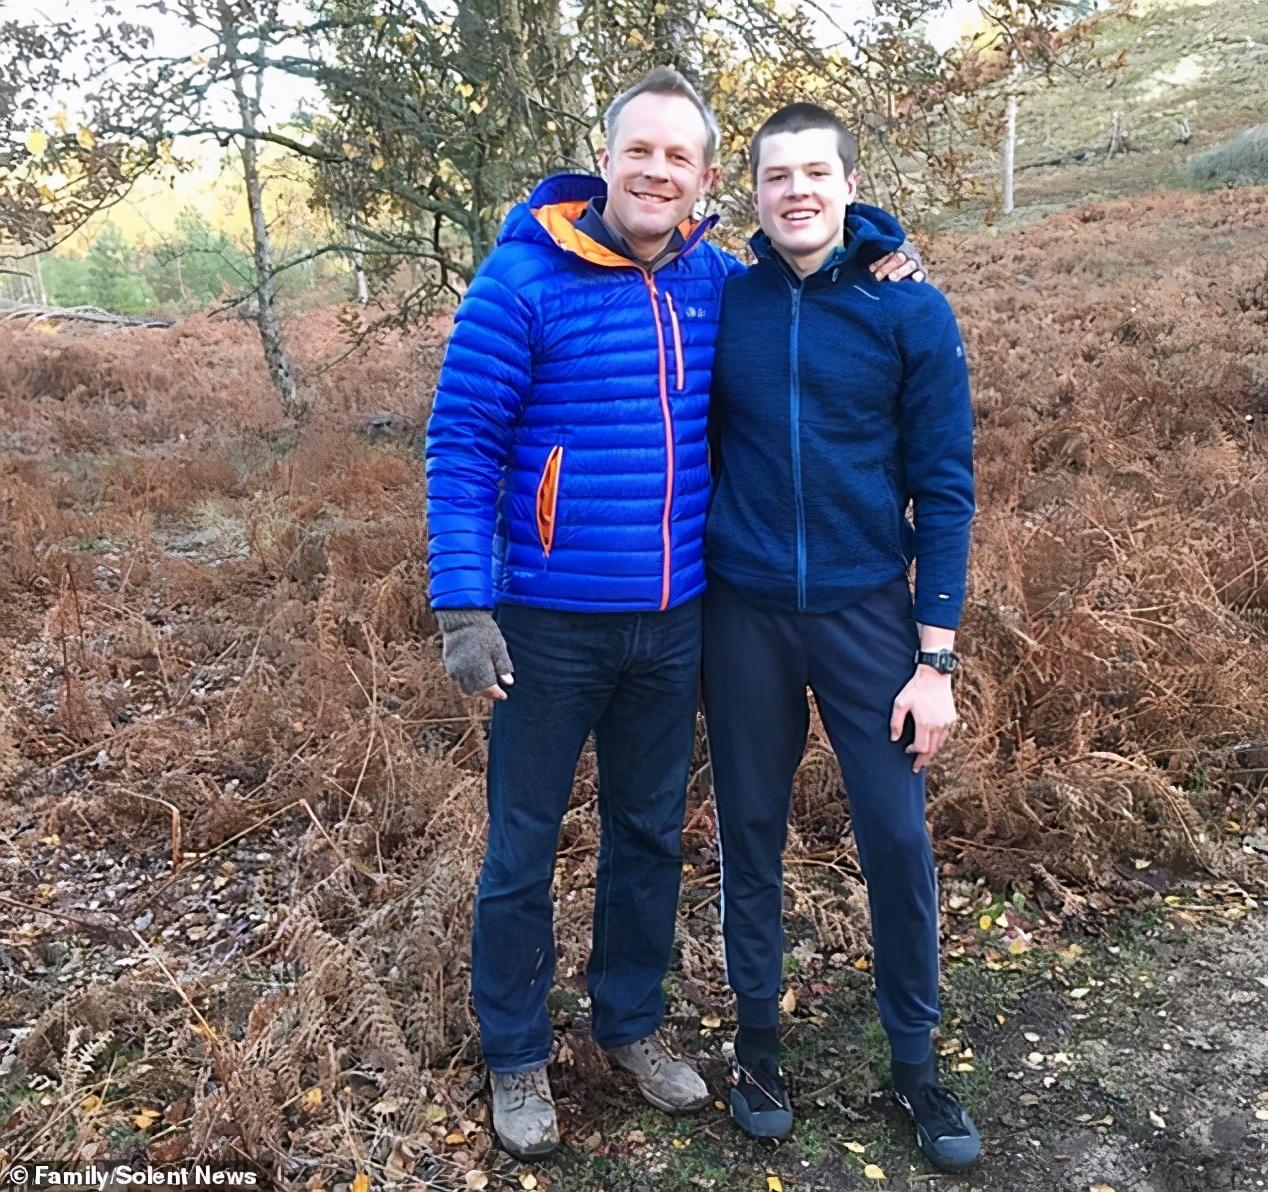 疫情导致考试被取消,英国一富二代高中生无法接受,进入森林后上吊身亡